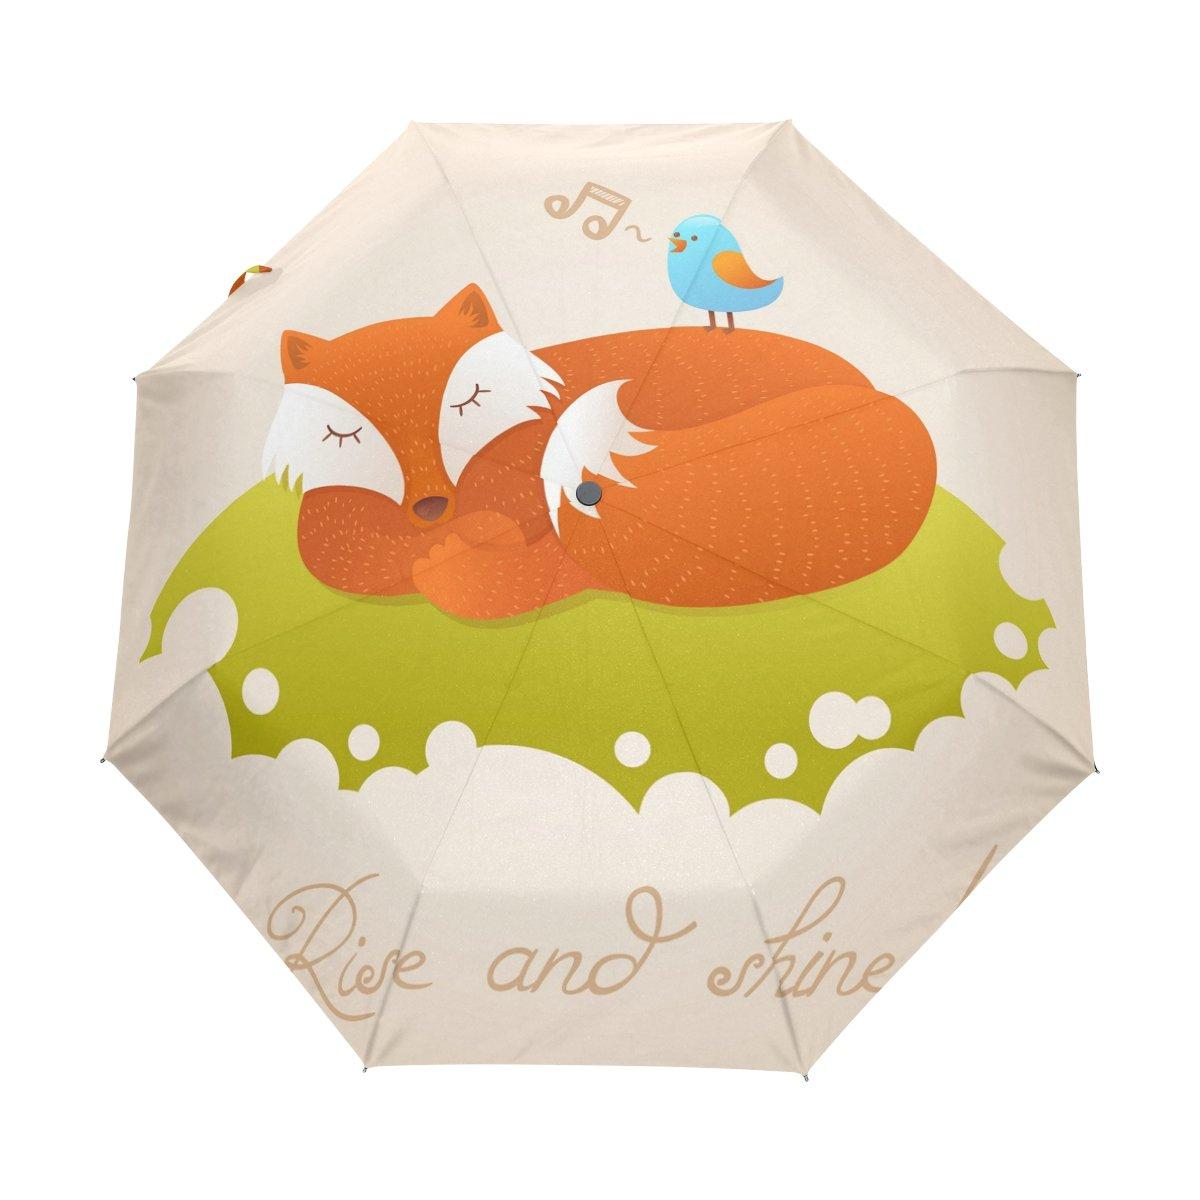 BENNIGIRY Cute Sleeping Red Fox 3 Pliegues Paraguas de Cierre automático, Compacto, Resistente al Viento, Portátil, Durabilidad, Viaje, Lluvia Paraguas ...